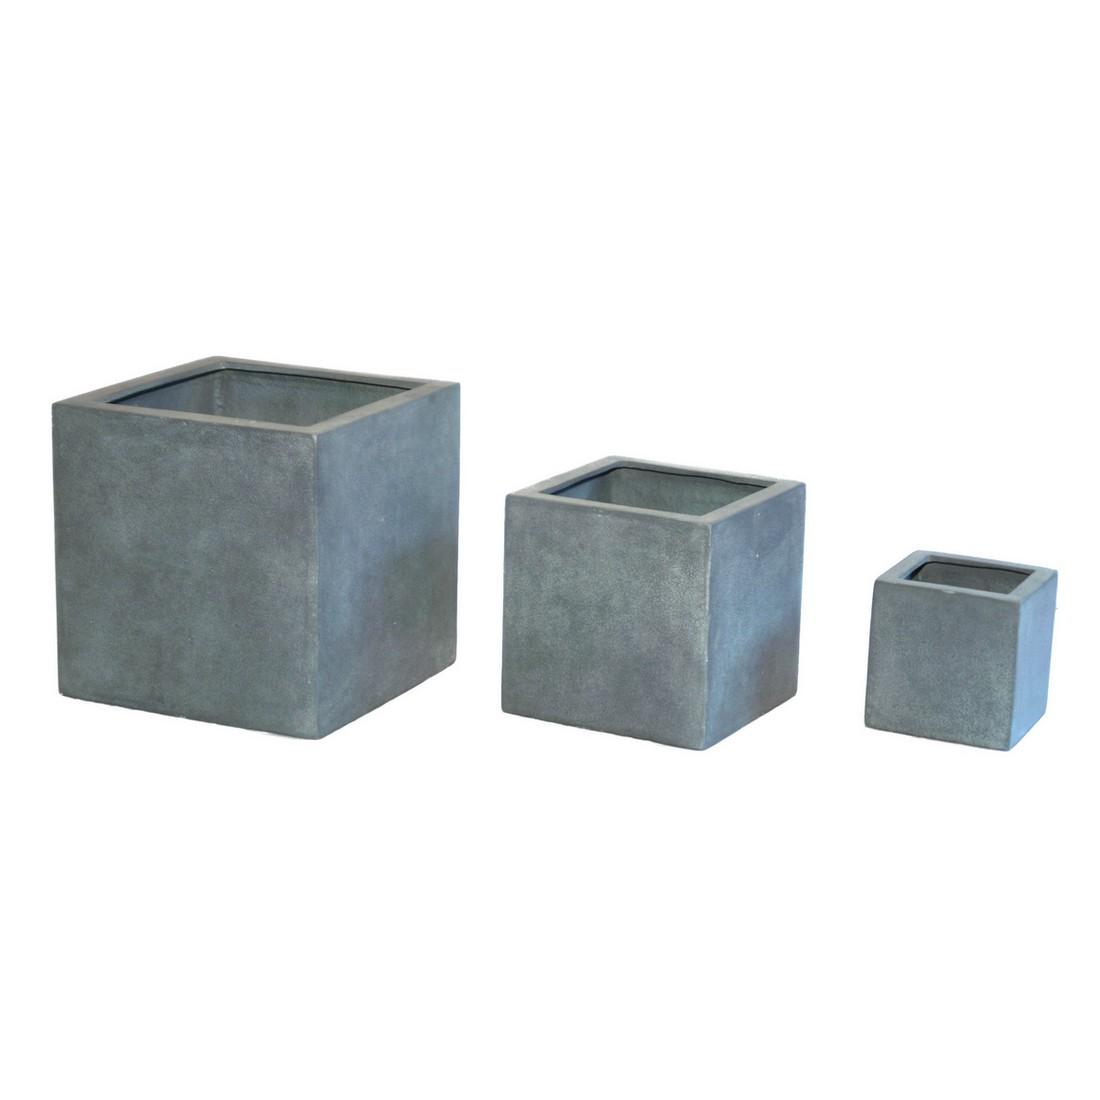 pflanzk bel isi lead kunststoff modern eckig normal. Black Bedroom Furniture Sets. Home Design Ideas